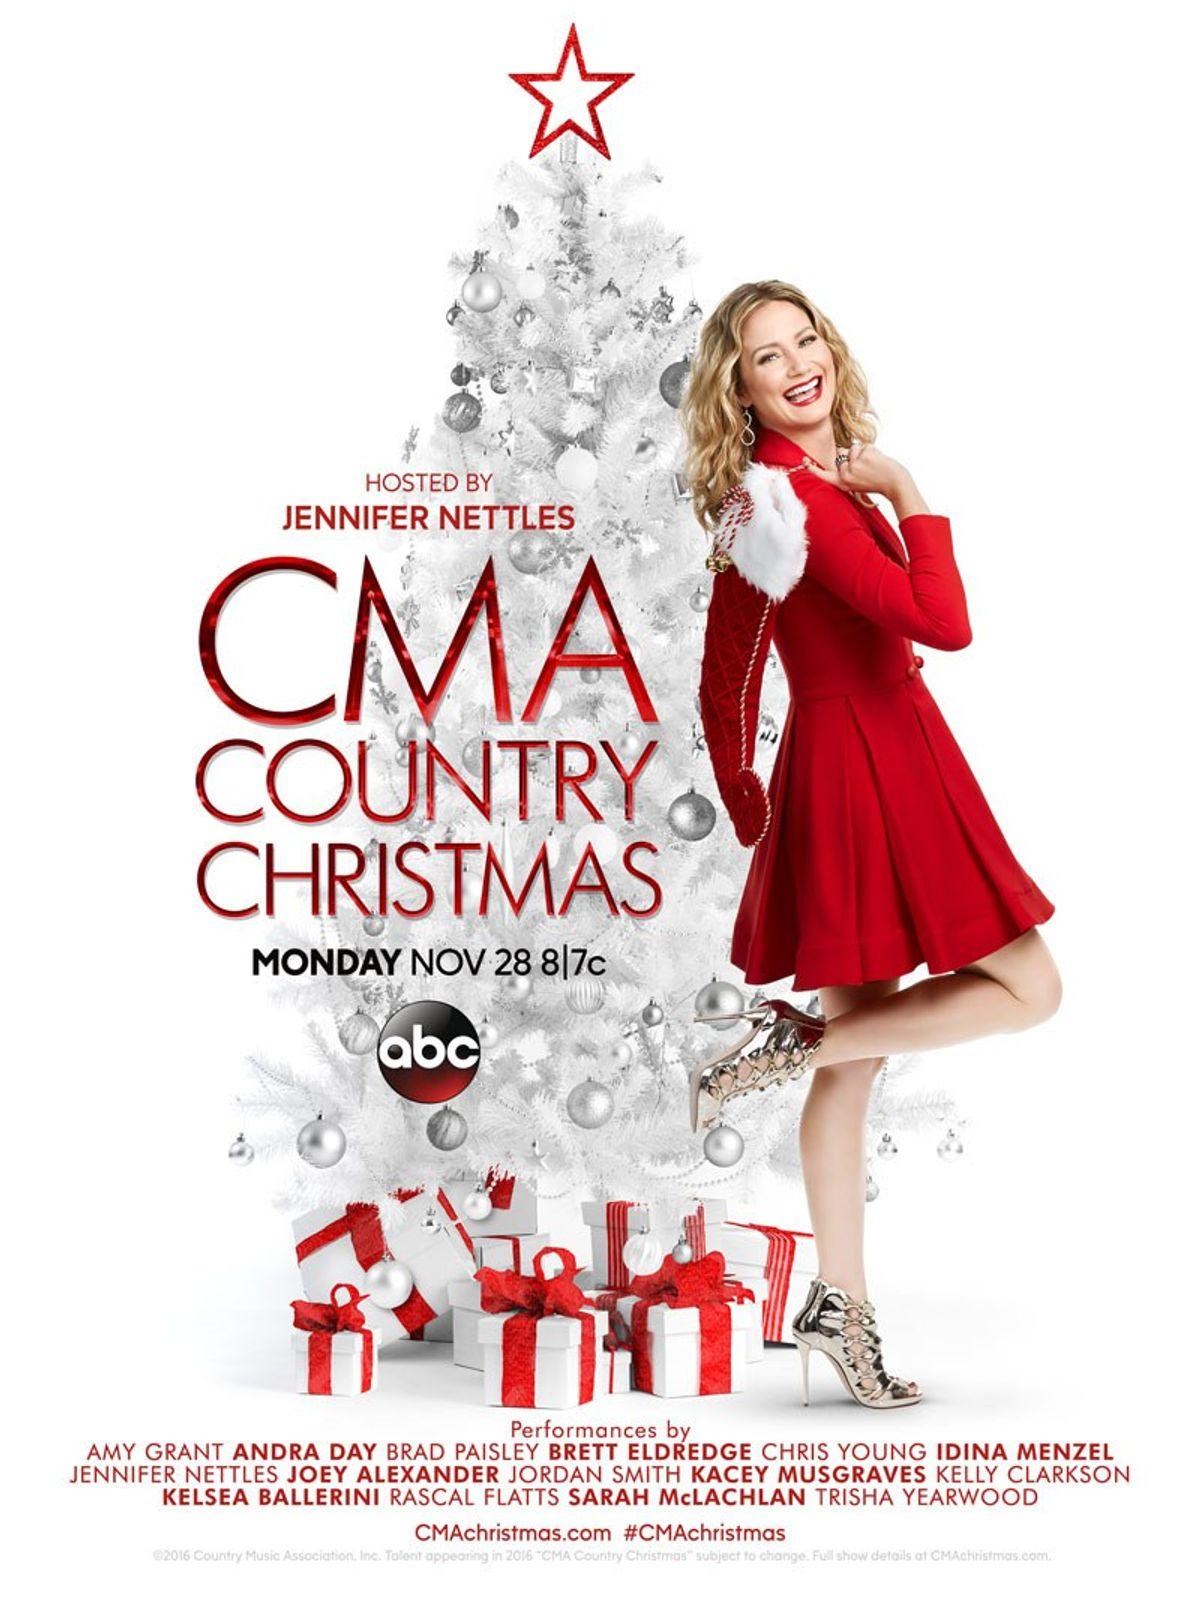 CMA Country Christmas 2016